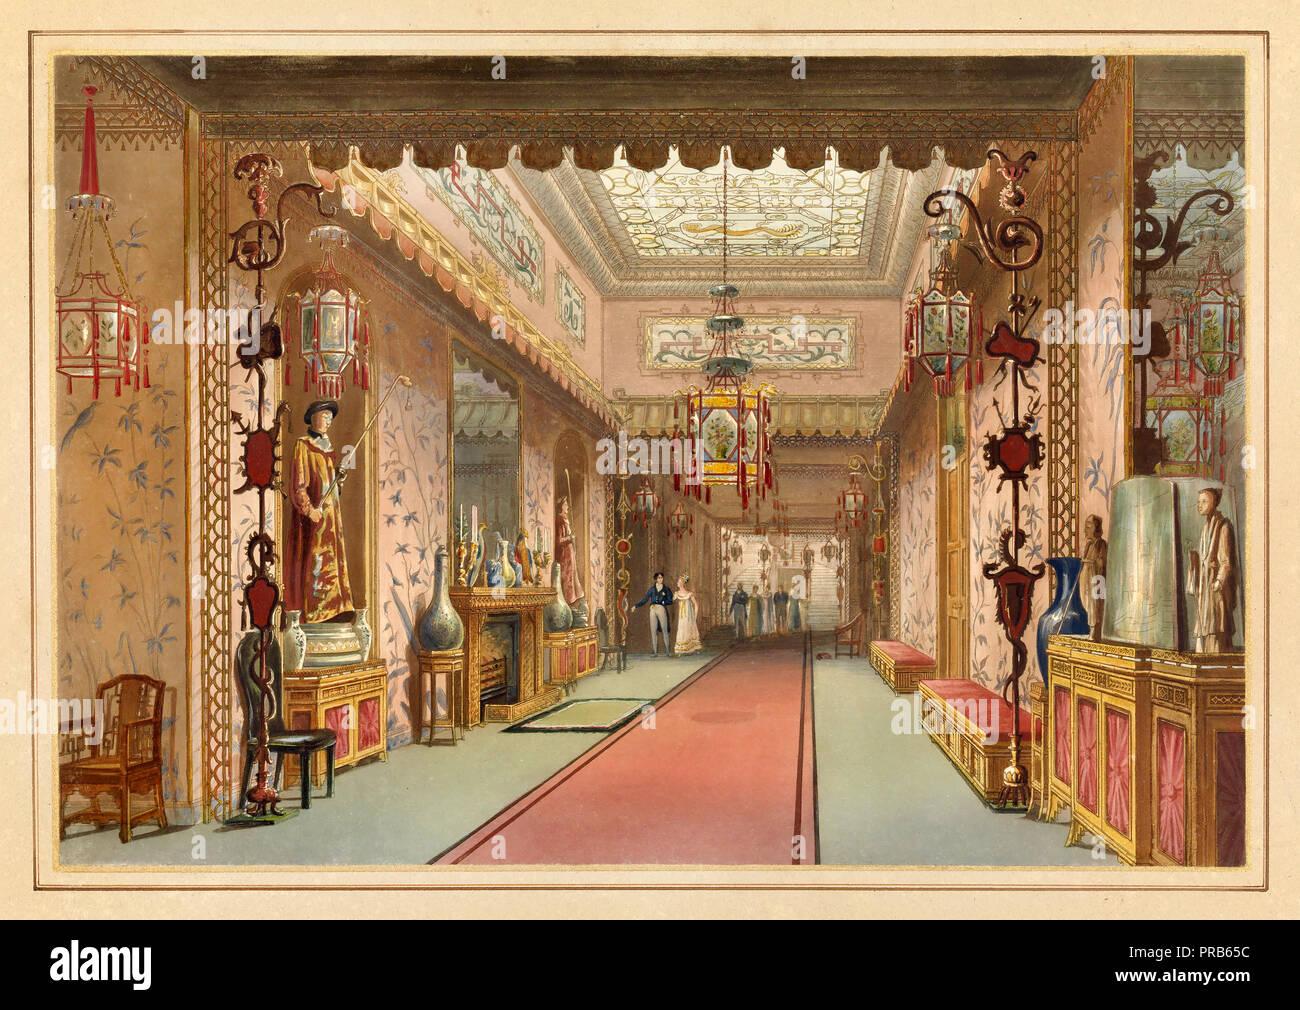 John Nash, Cinese Gallery come Era, piastra XV nelle illustrazioni di Sua Maestà il palazzo a Brighton, 1820 e incisione acquatinta, pennello e acquerello, Immagini Stock